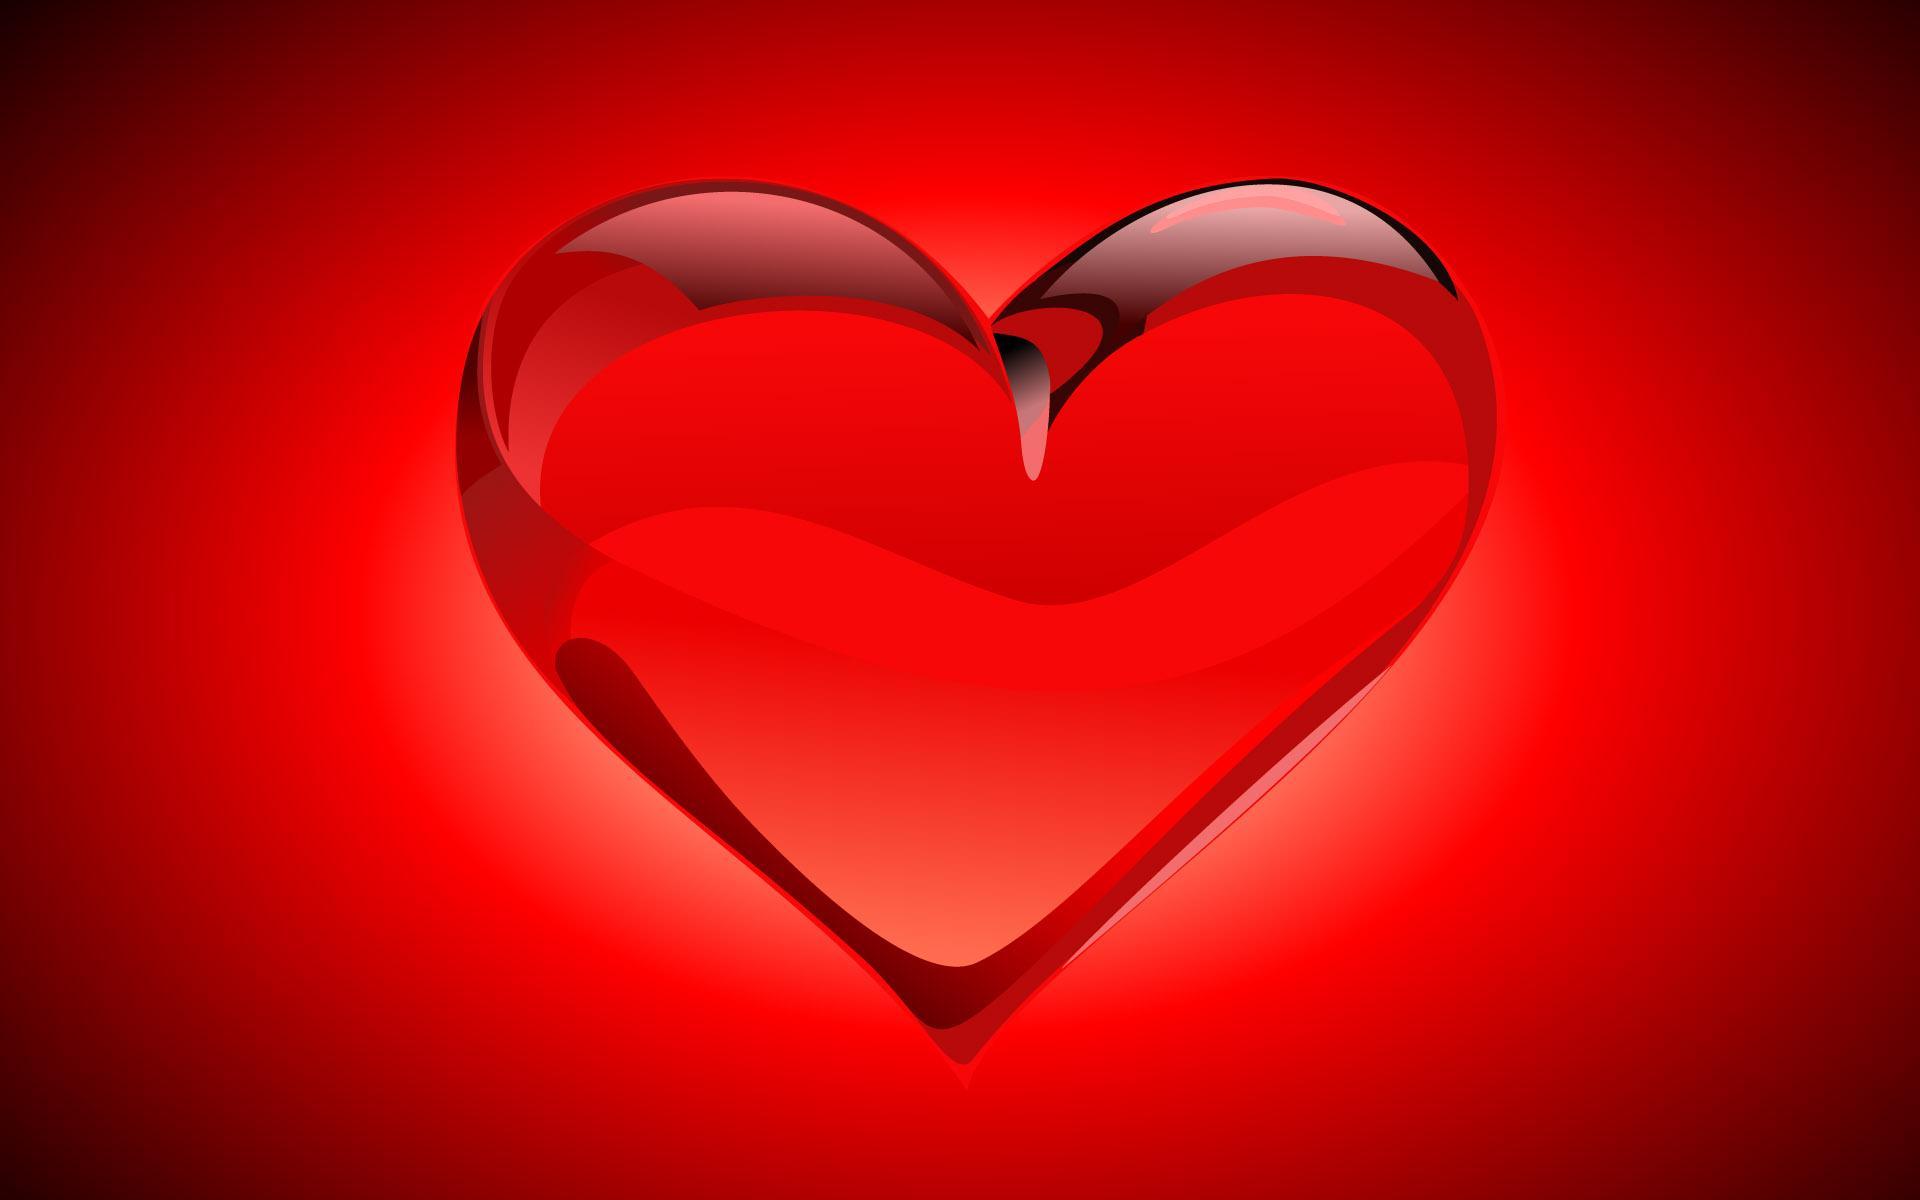 red glass wallpaper, heart, скачать фото, обои для рабочего стола, сердце красное